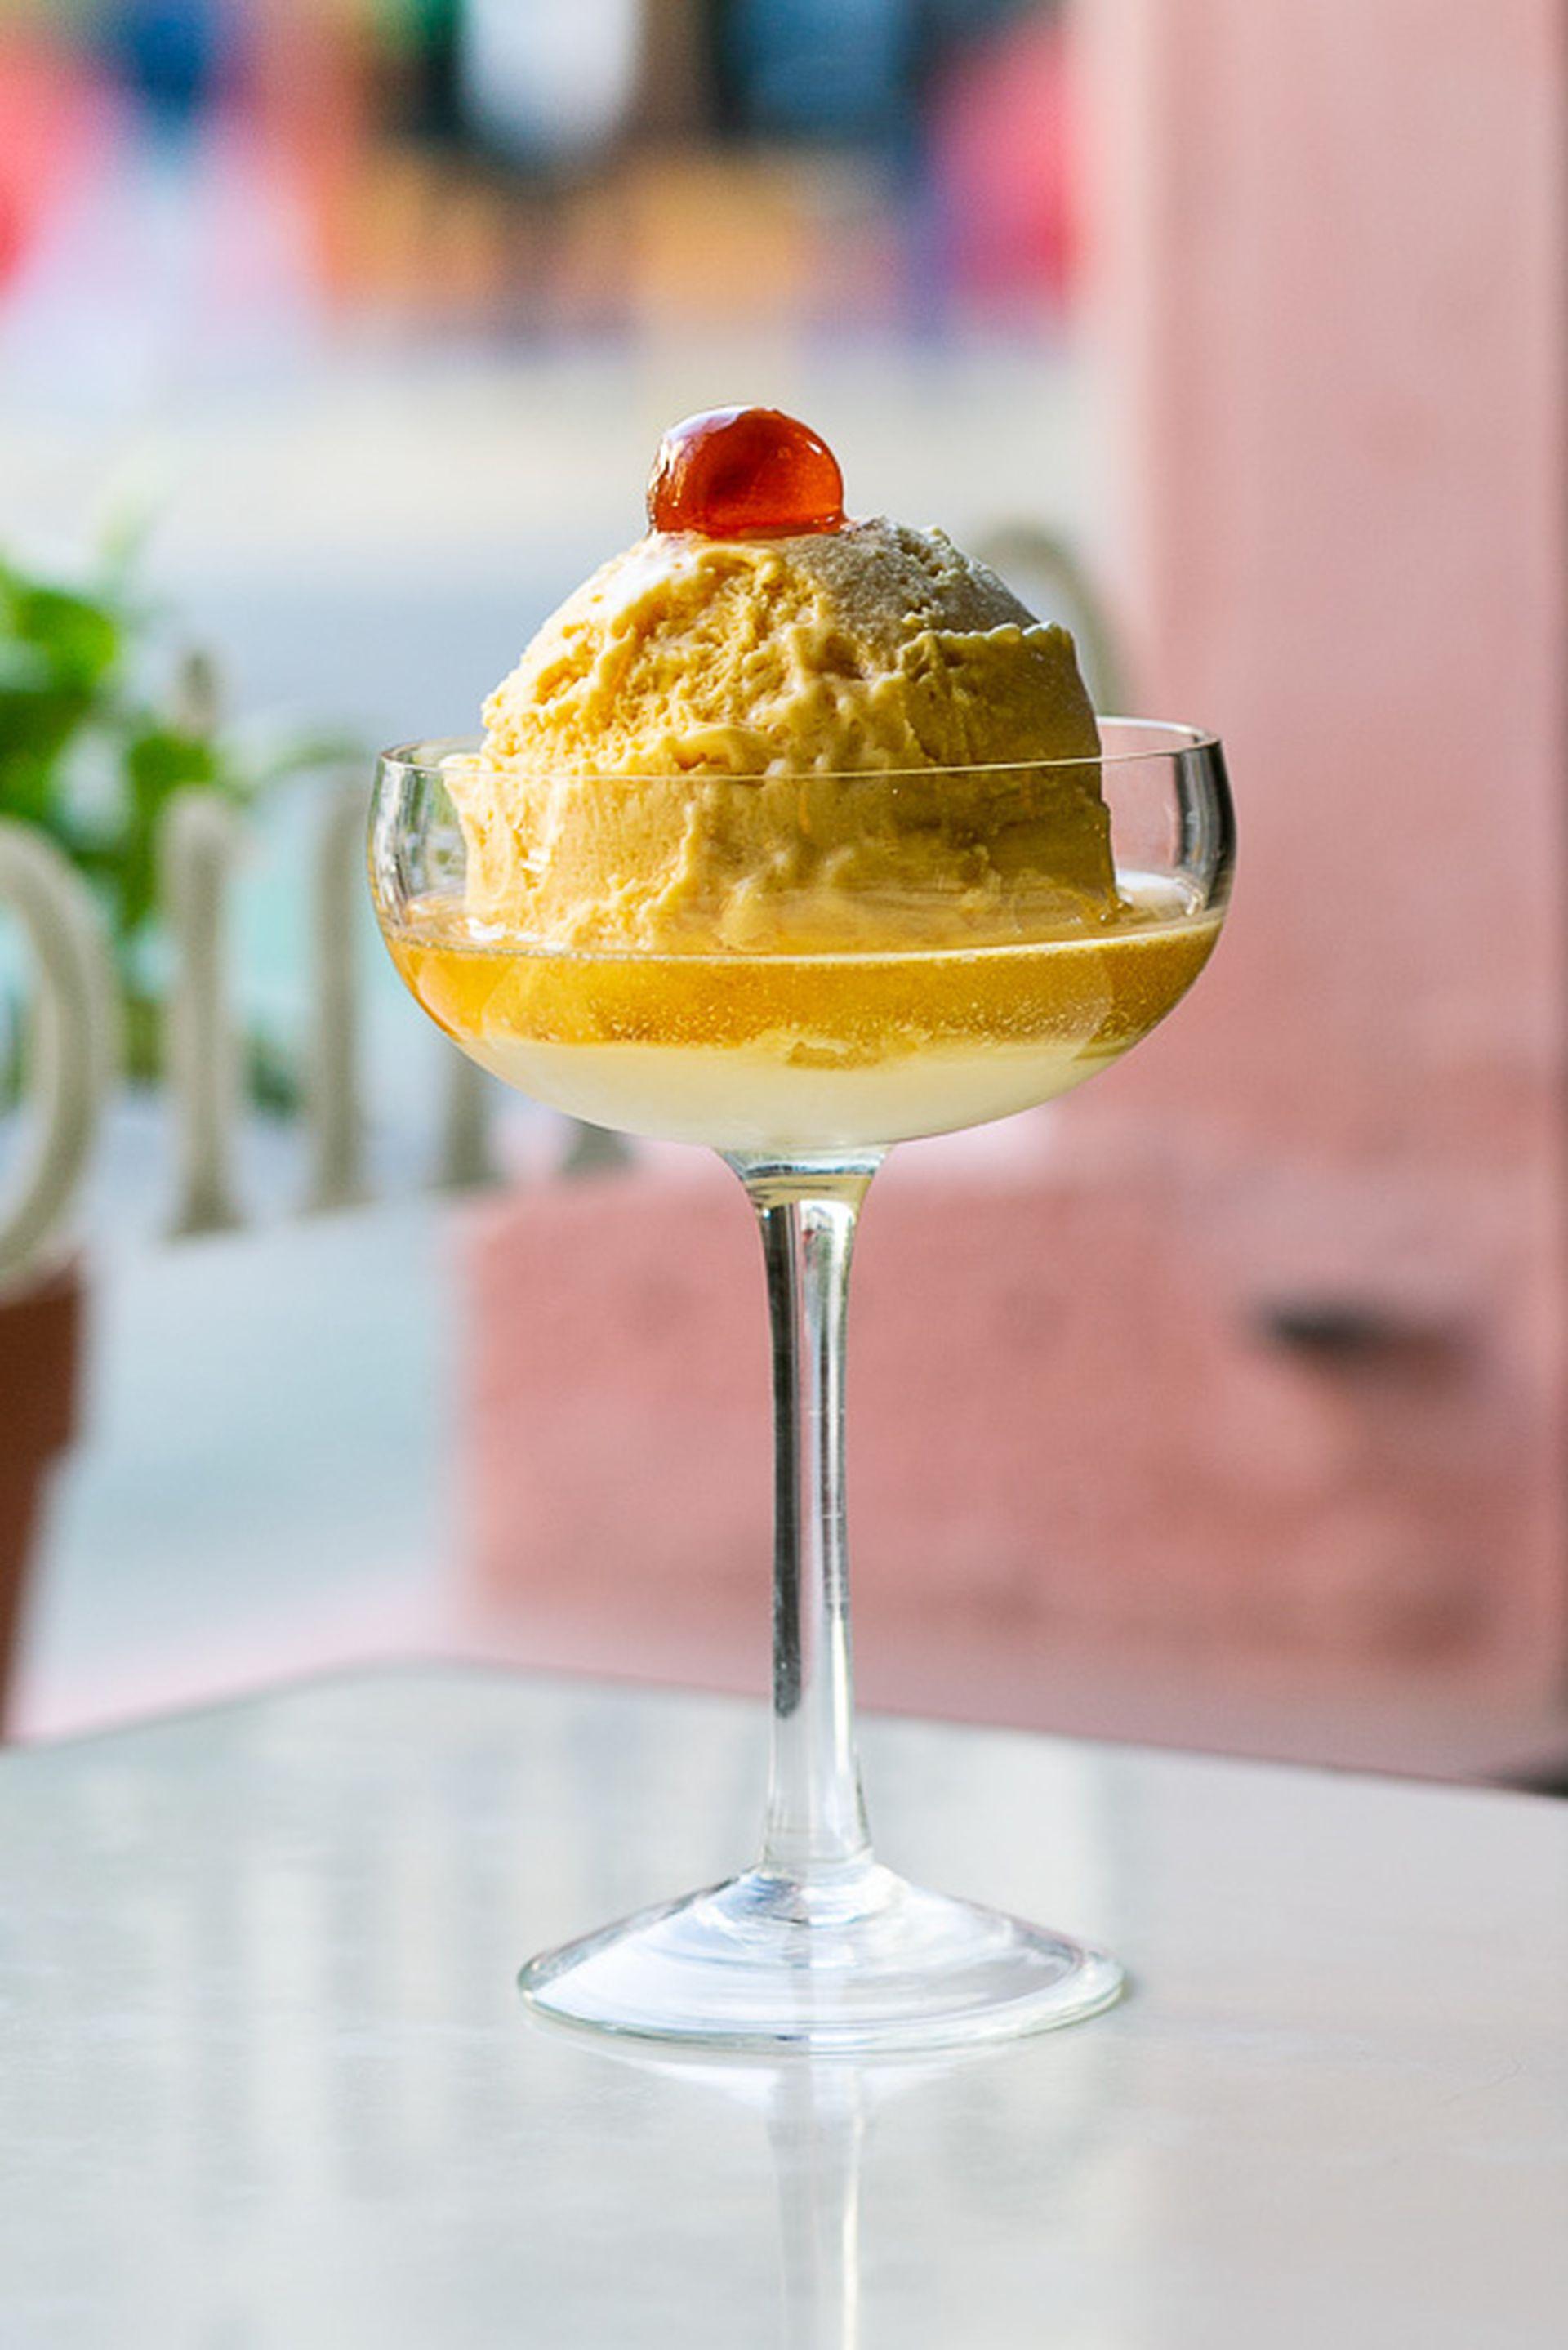 Como antes: así se elaboran los helados en El Preferido, con procesos artesanales que llevan mucho trabajo pero que la clientela agradece.